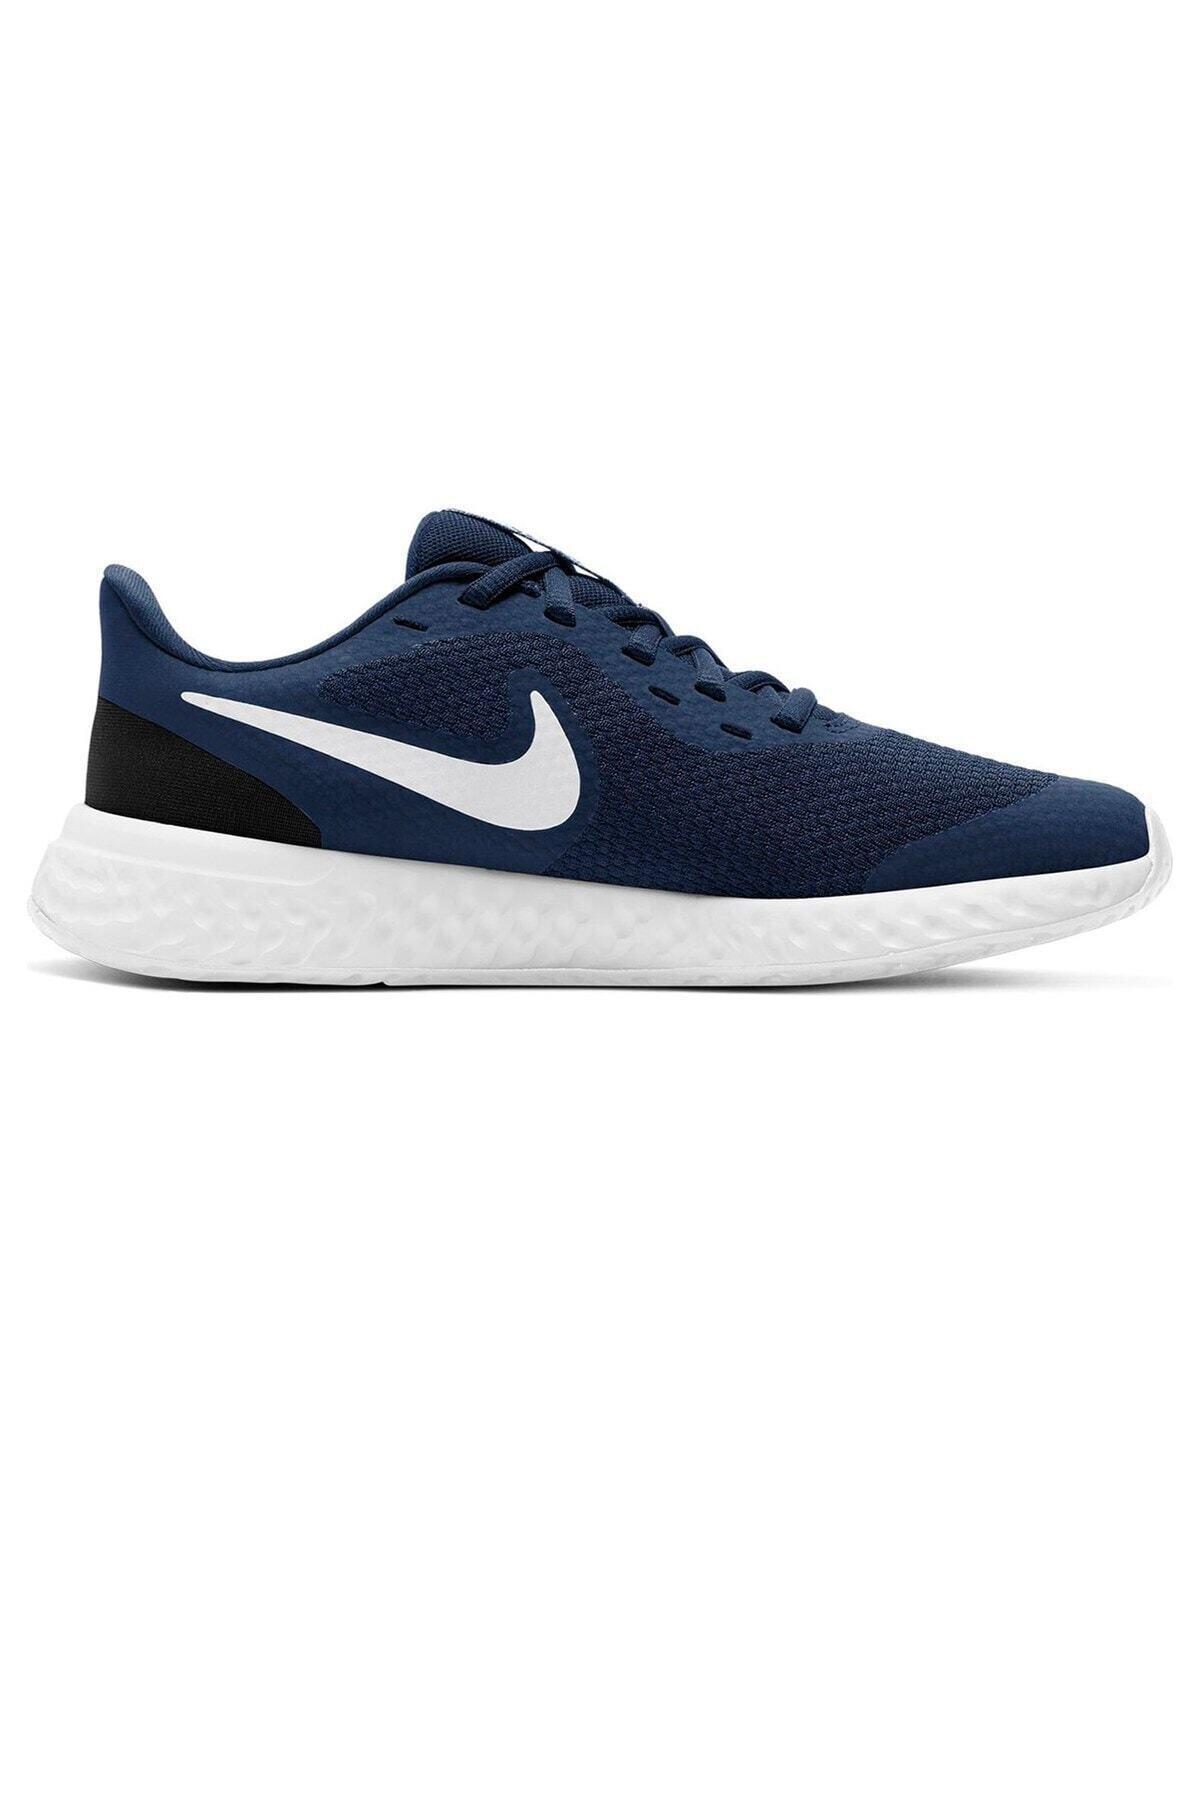 Nike Unisex Çocuk Spor Ayakkabı Bq5671-402 2